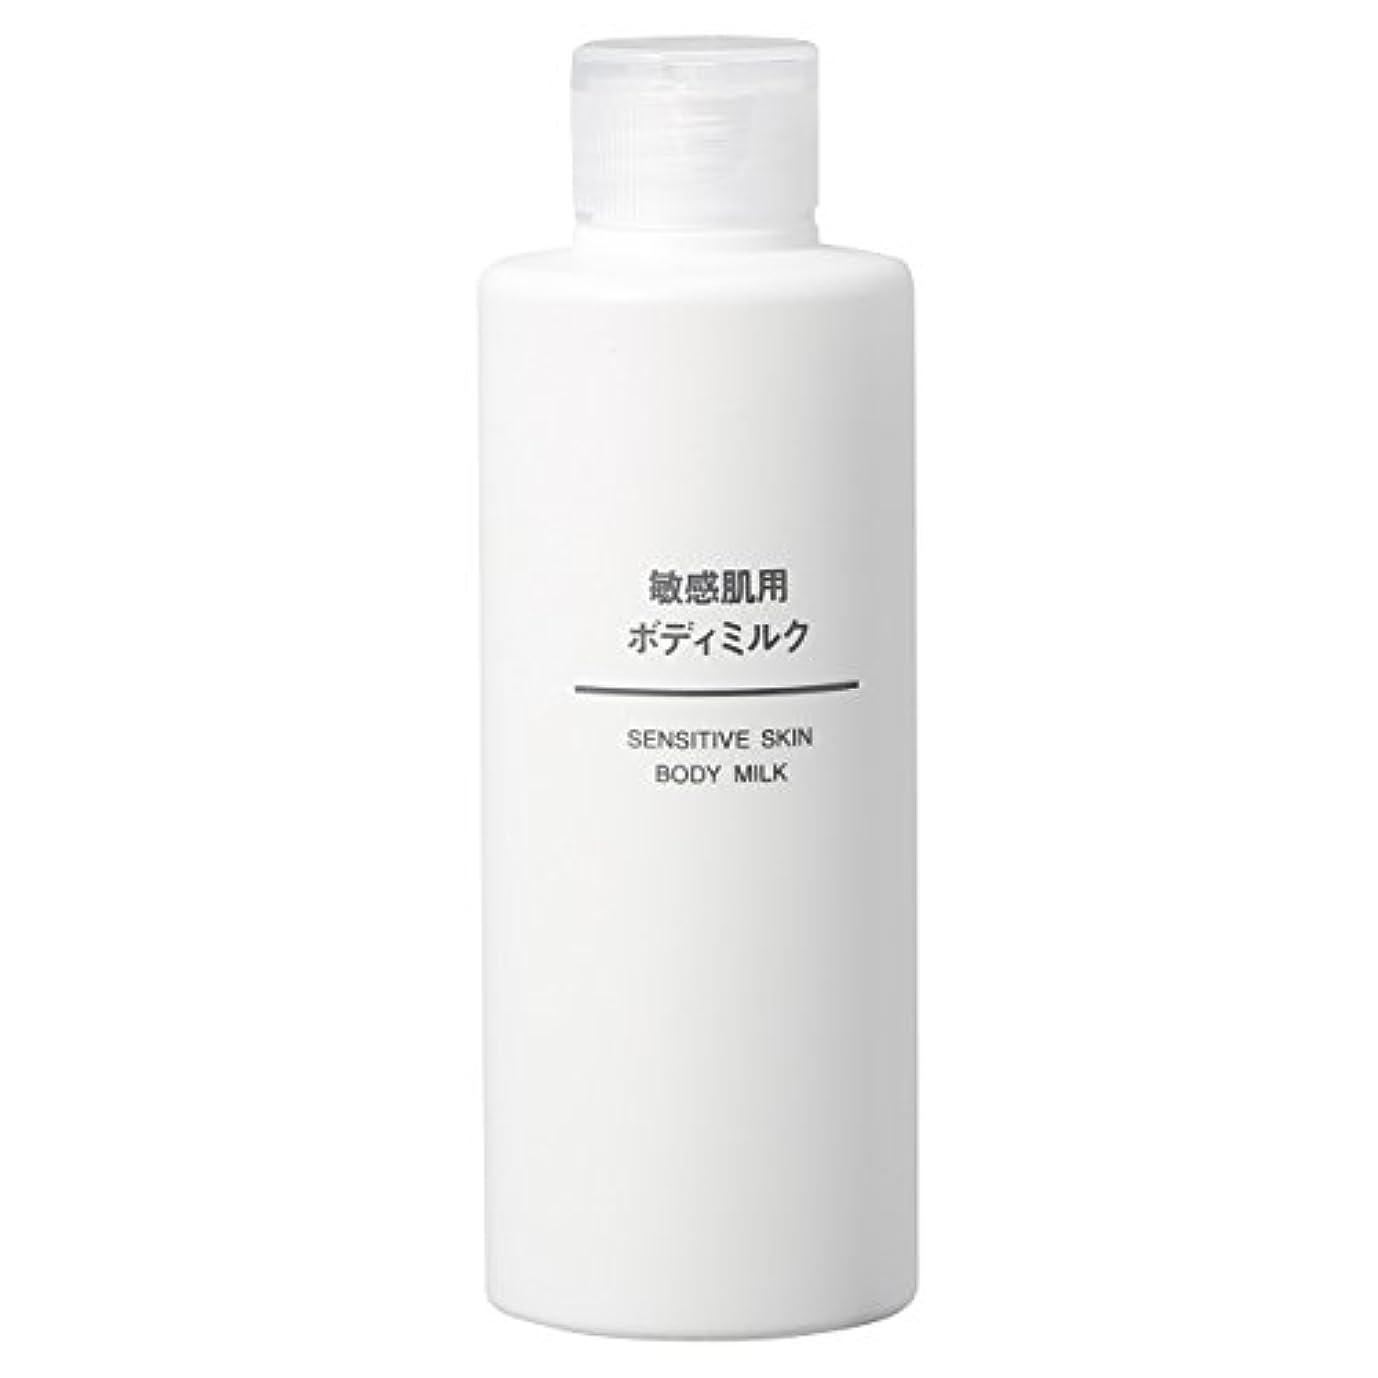 恨みレポートを書く幽霊無印良品 敏感肌用 ボディミルク 200ml 日本製